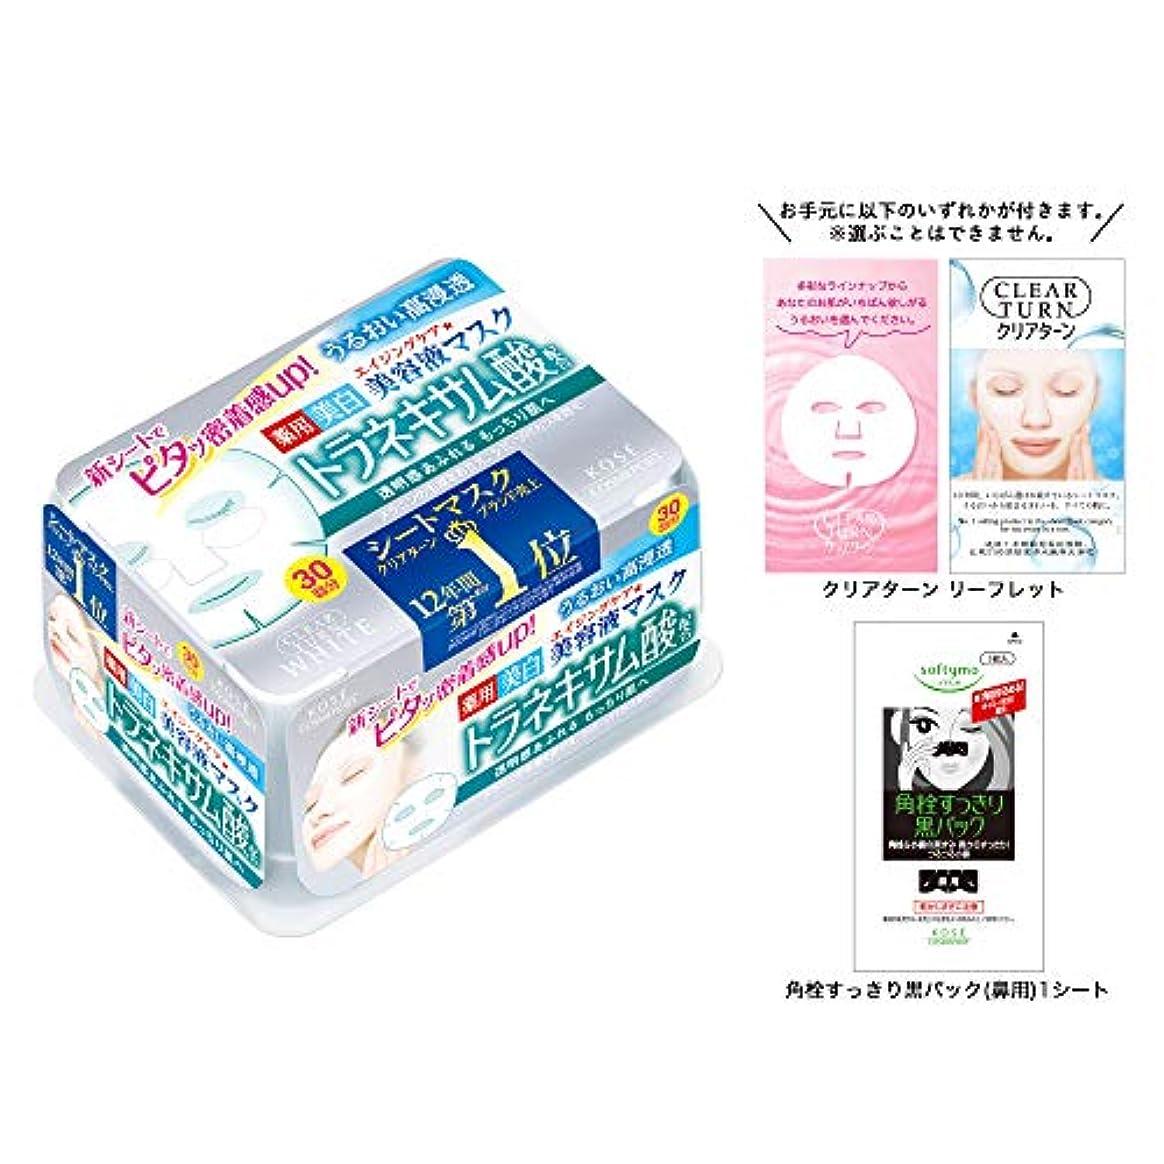 文字見ましたチャペル【Amazon.co.jp限定】KOSE コーセー クリアターン エッセンス マスク (トラネキサム酸) 30枚 おまけ付 フェイスマスク (医薬部外品)